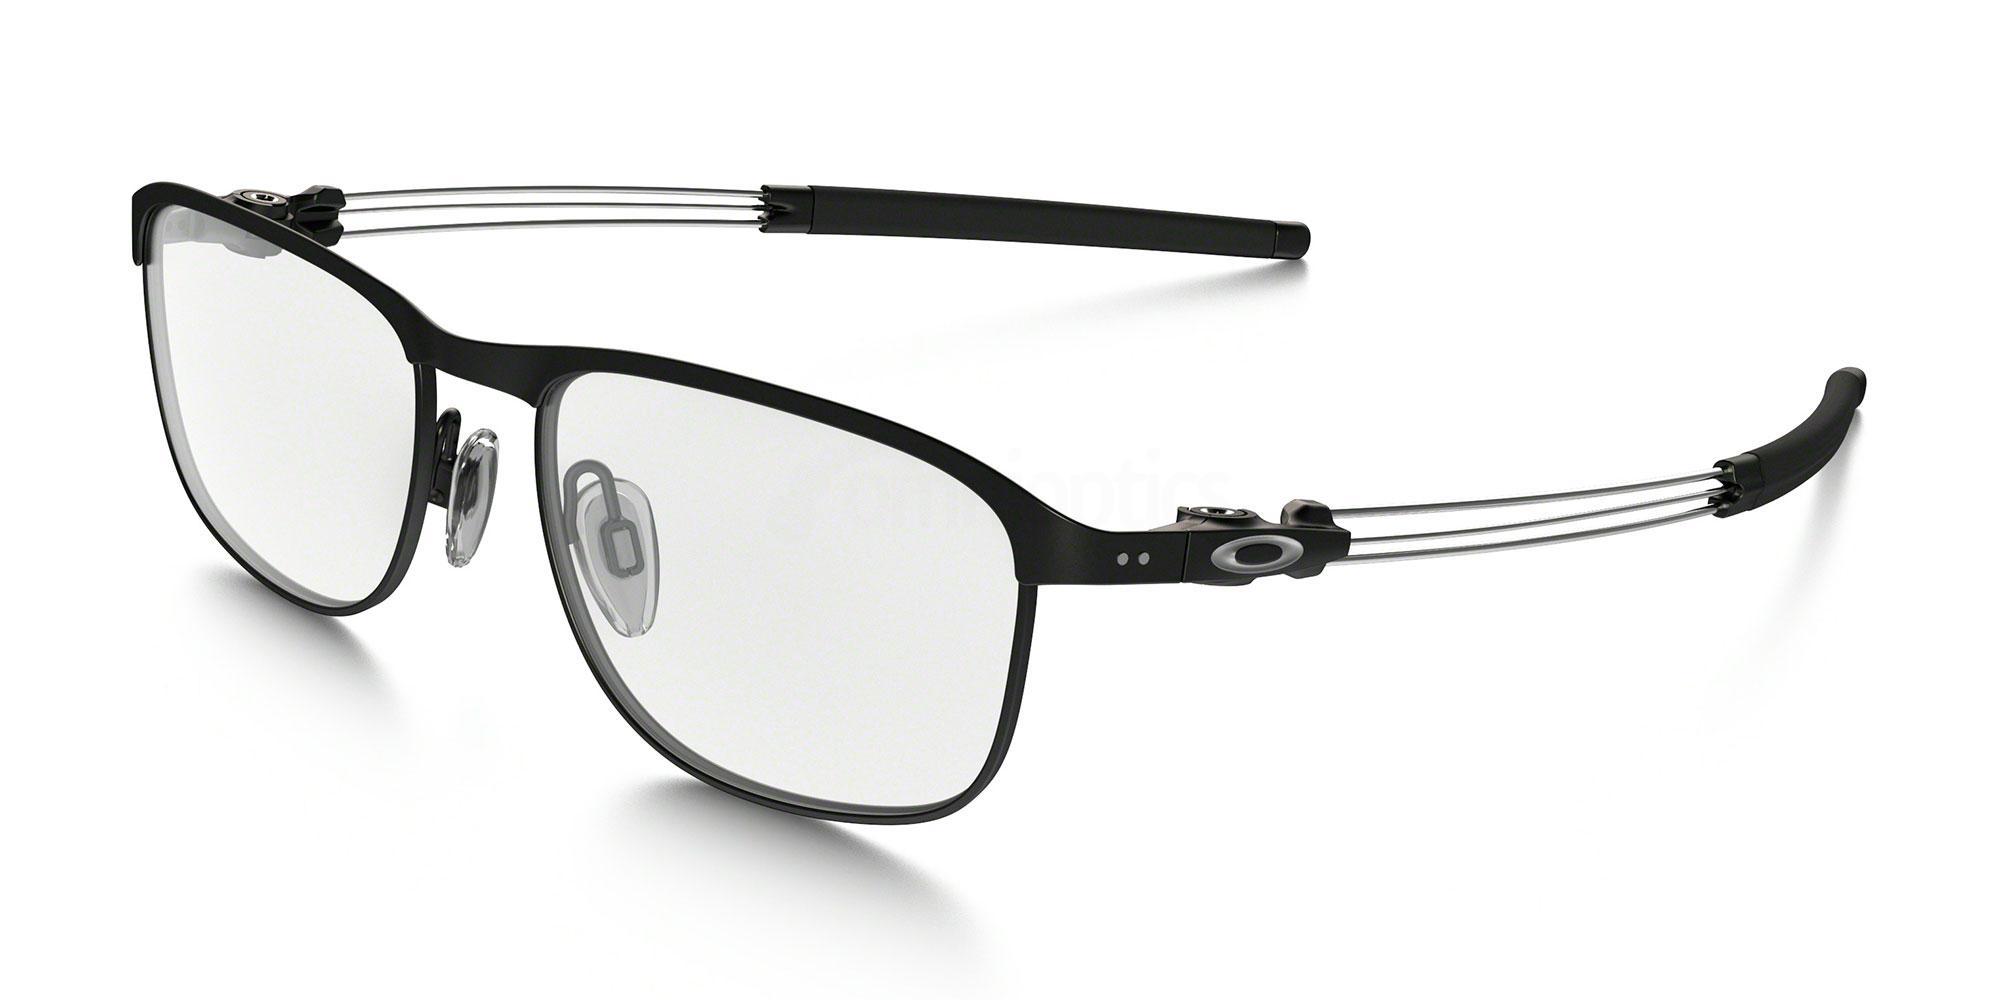 512401 OX5124 TRUSS ROD Glasses, Oakley